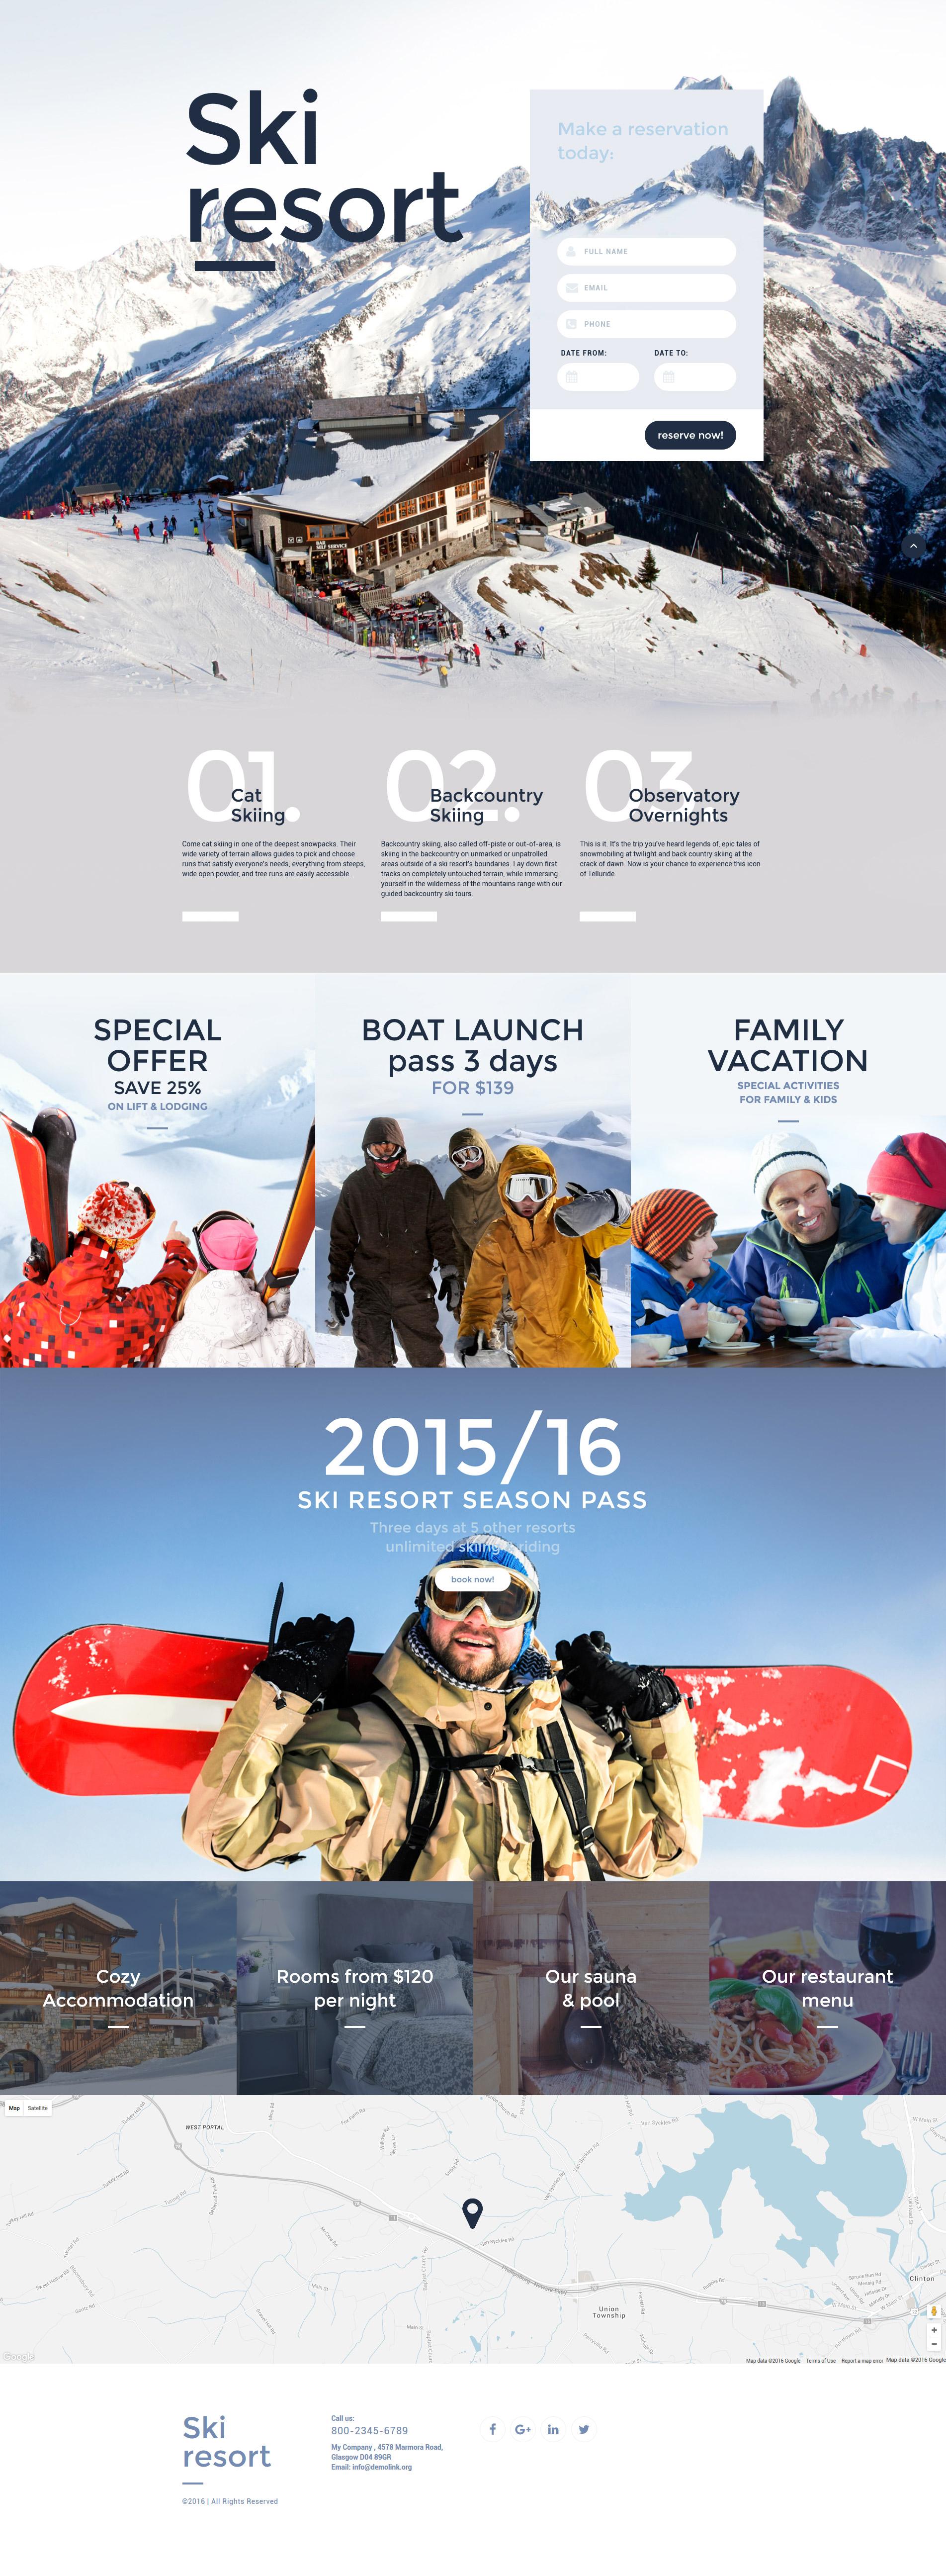 Адаптивный Шаблон посадочной страницы №59100 на тему катание на лыжах